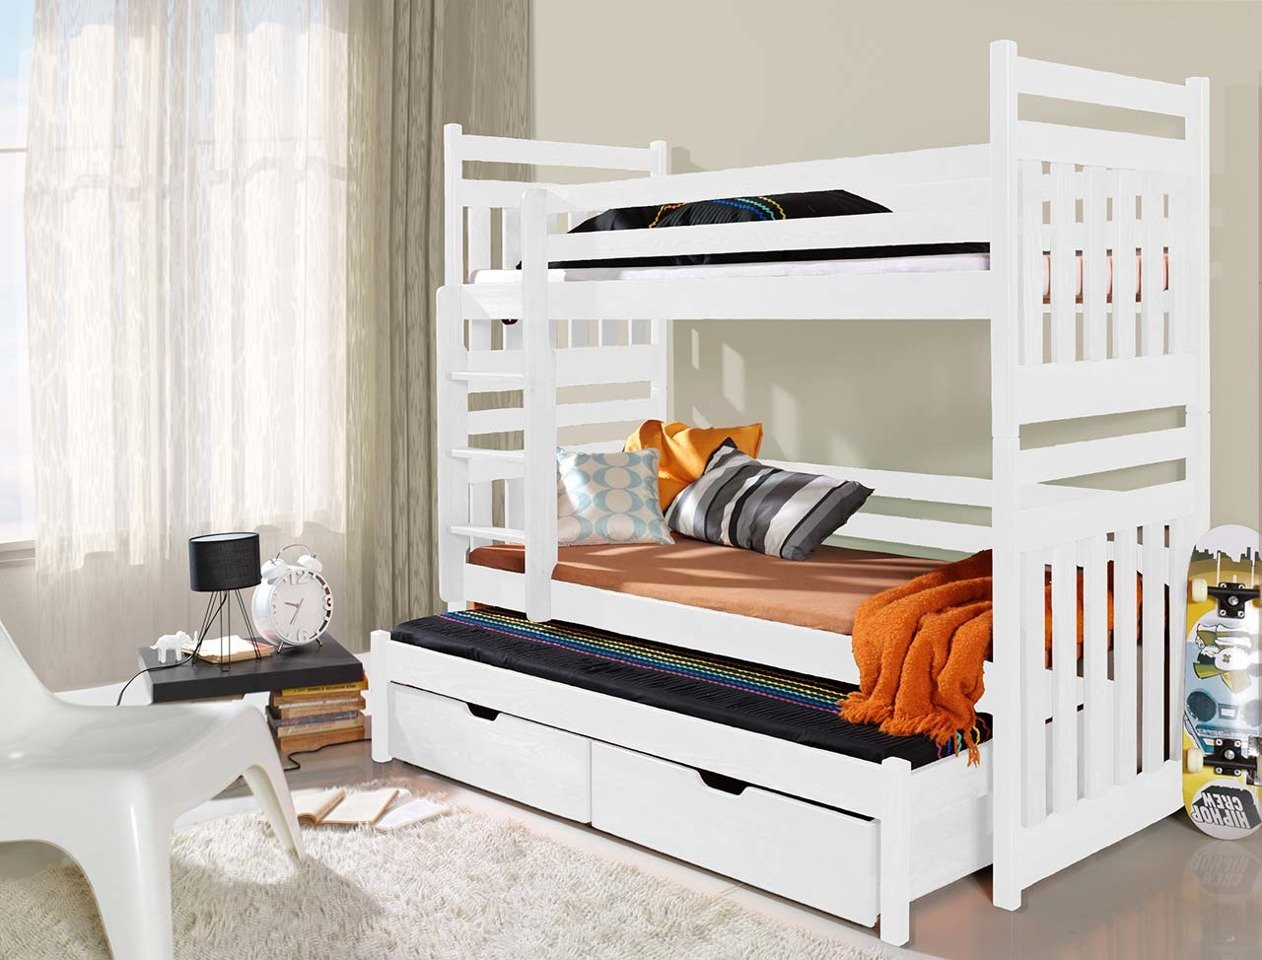 łóżko Piętrowe 3 Osobowe Z Materacami Sambor Do Pokoju